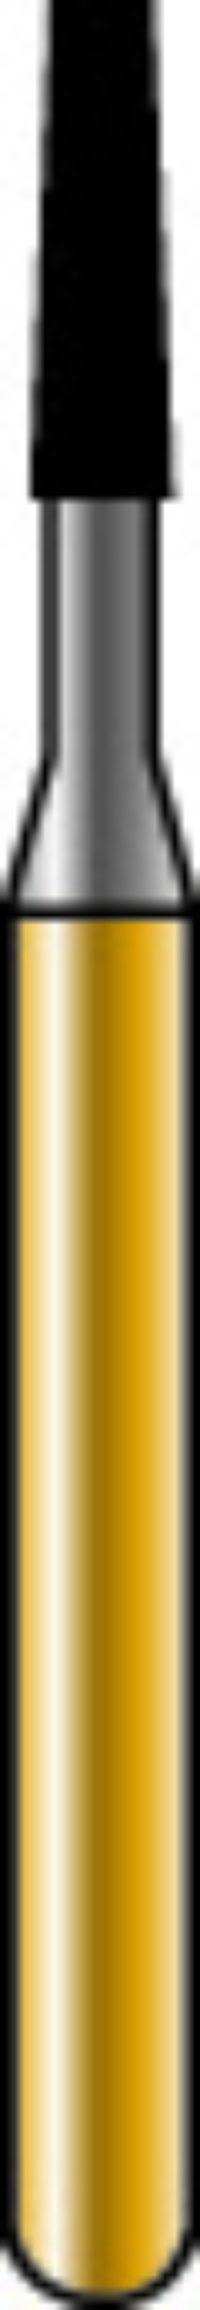 Taper Flat End X-Cut Golden Sharpie